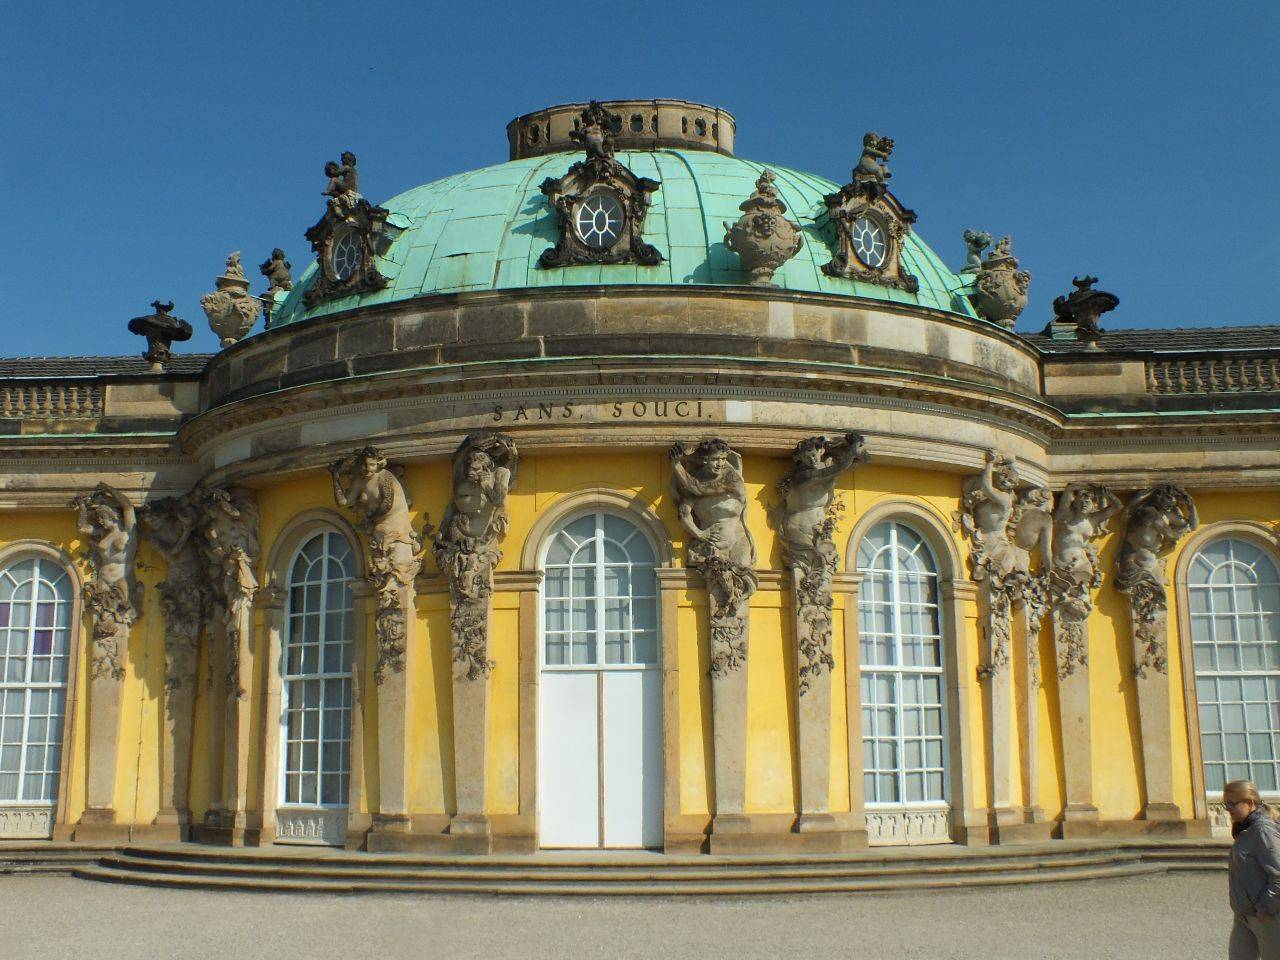 Afdelingsreis naar Berlijn-Potsdam-Dresden